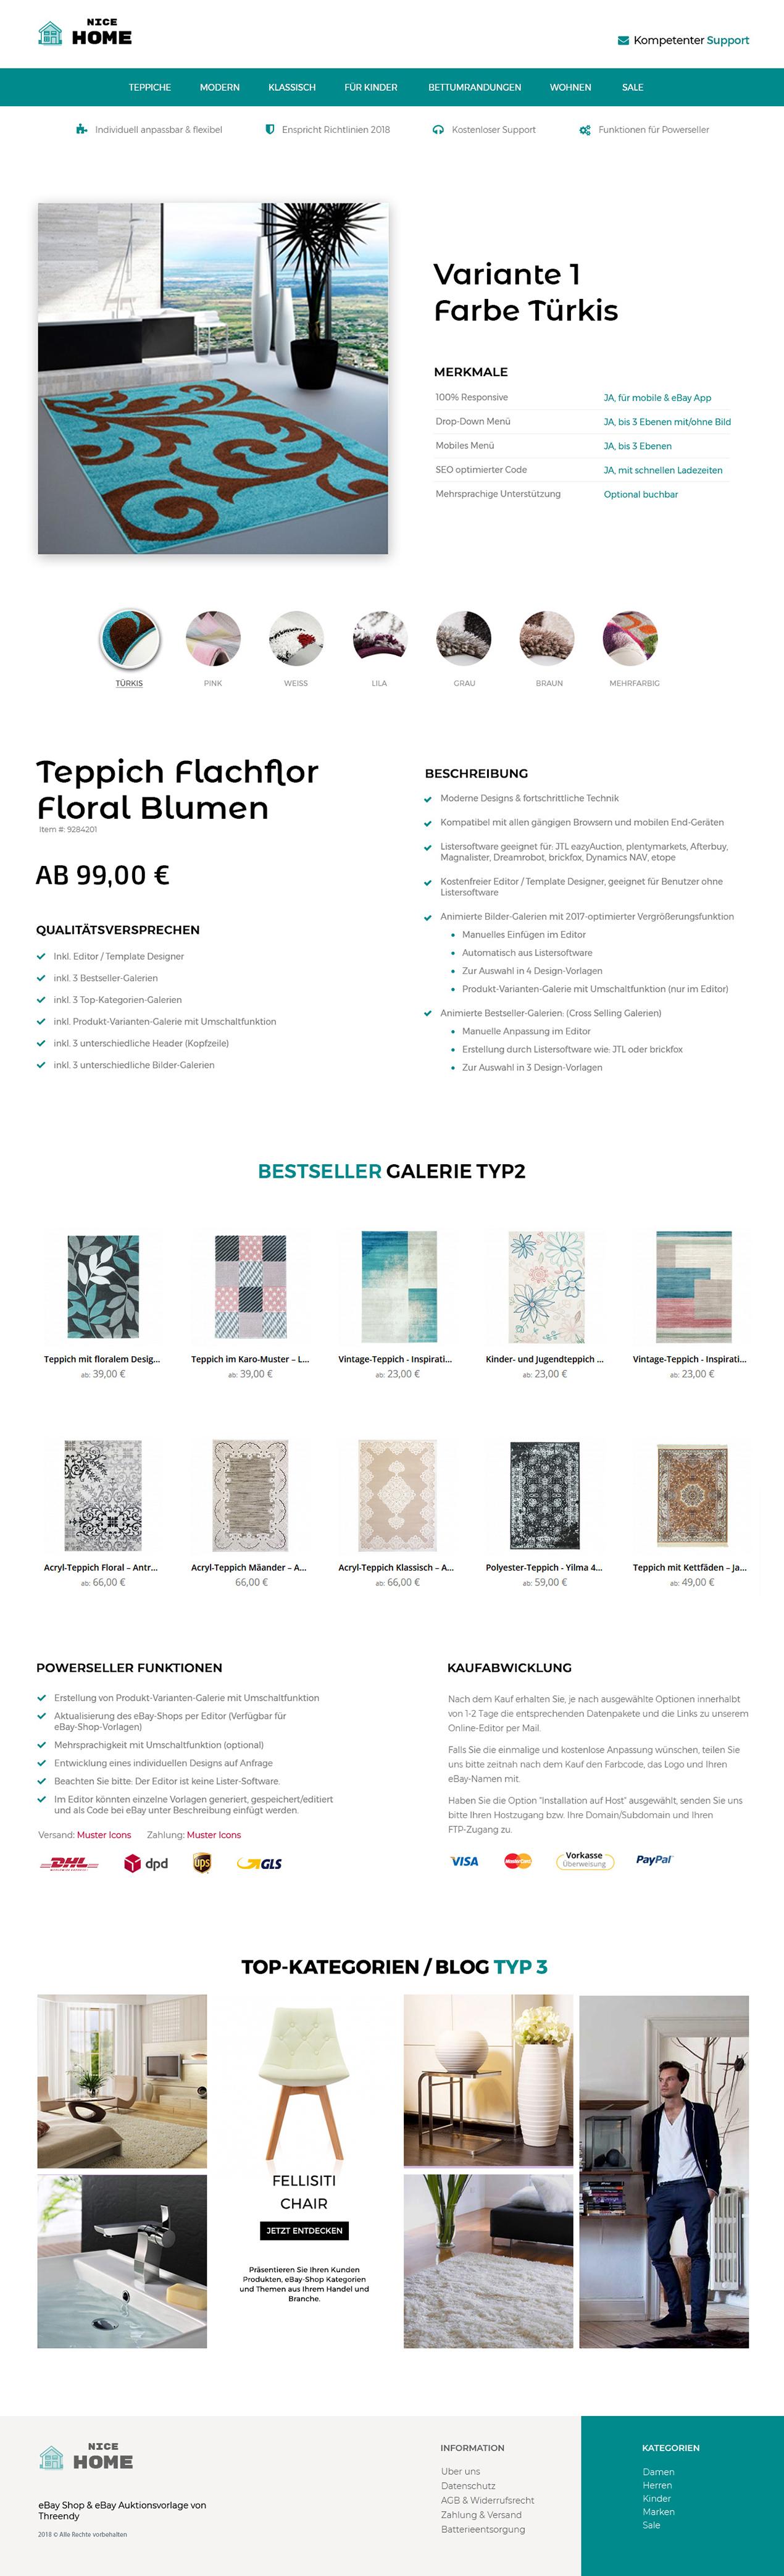 Produkt Varianten Ebay Vorlage Responsive Auktionsvorlage Template